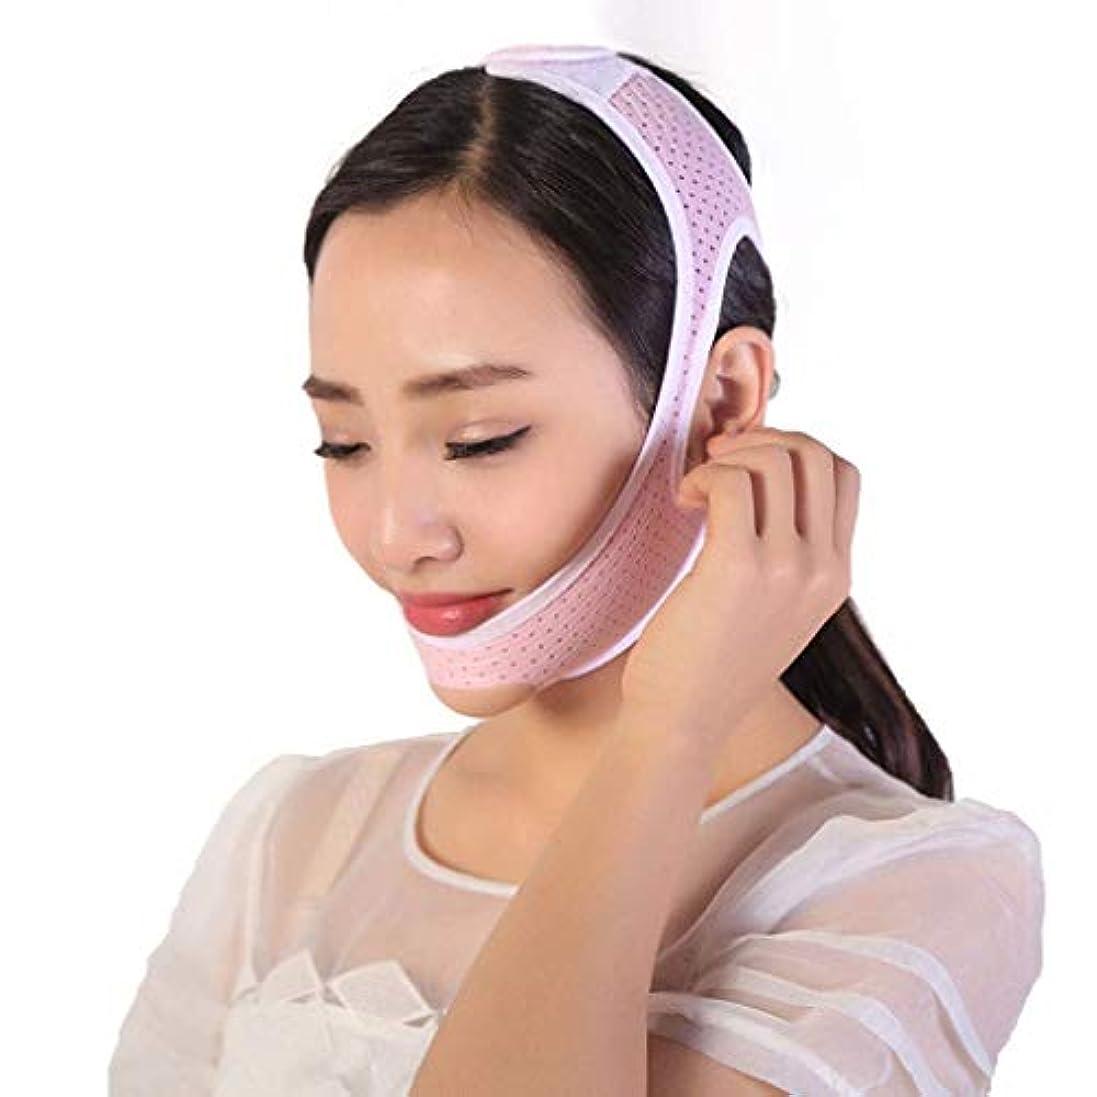 困惑髄巨人HUYYA 女性の顔を持ち上げるベルト、しわ防止包帯 Vライン頬 二重あごの減量顔 フェイスリフティング包帯,Pink_Large